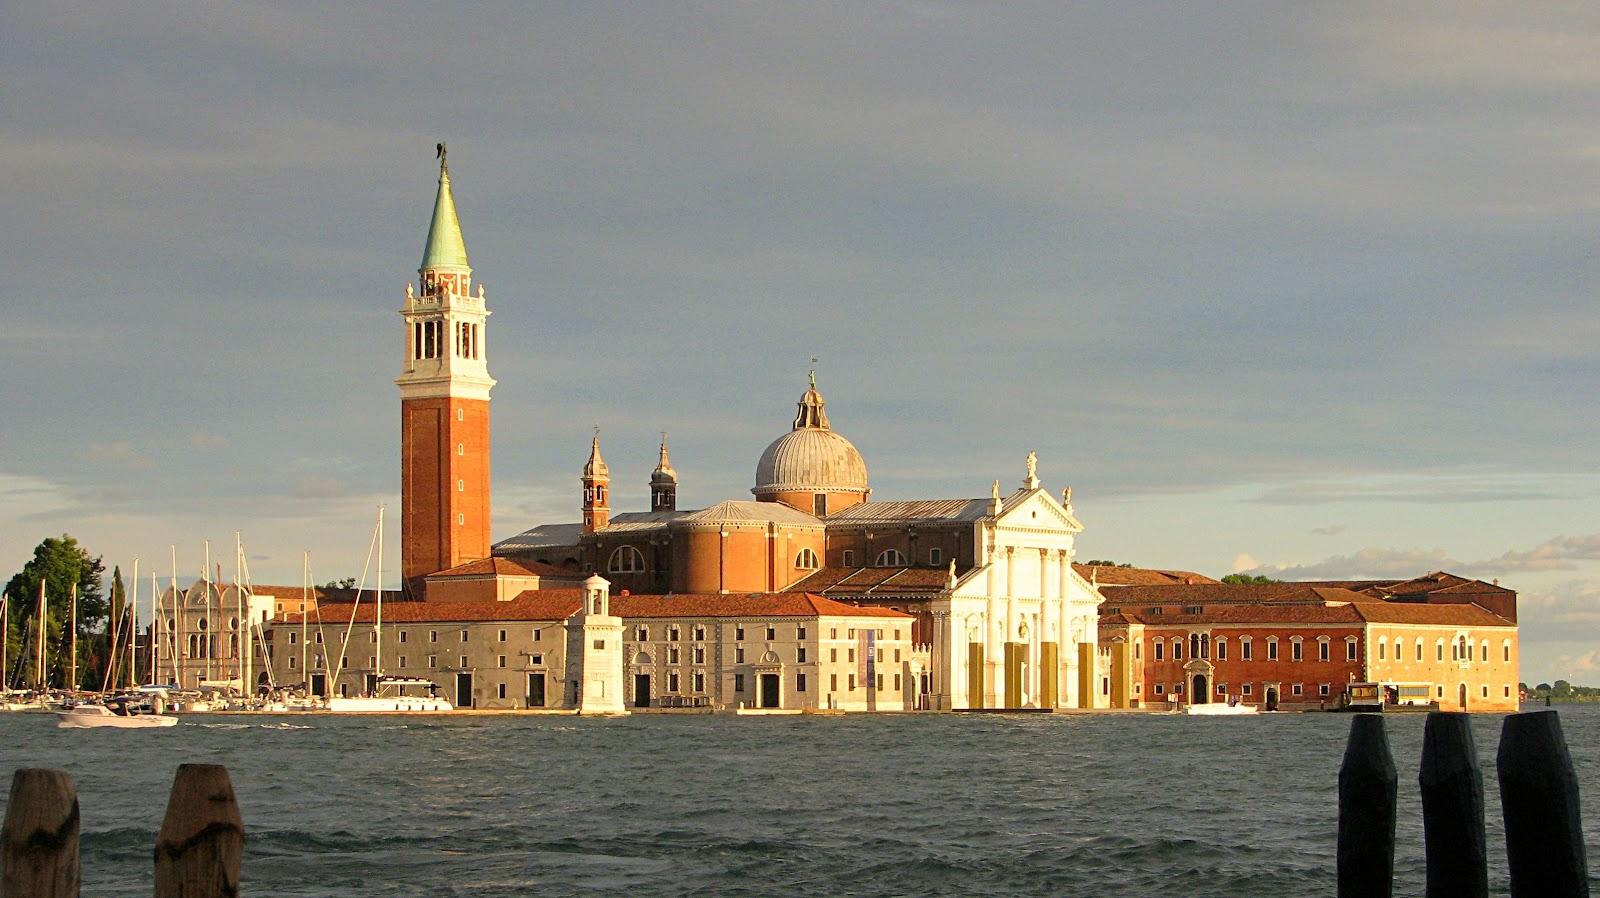 San Giorgio Maggiore, Photo ©2014 by Gunther H.G. Geick